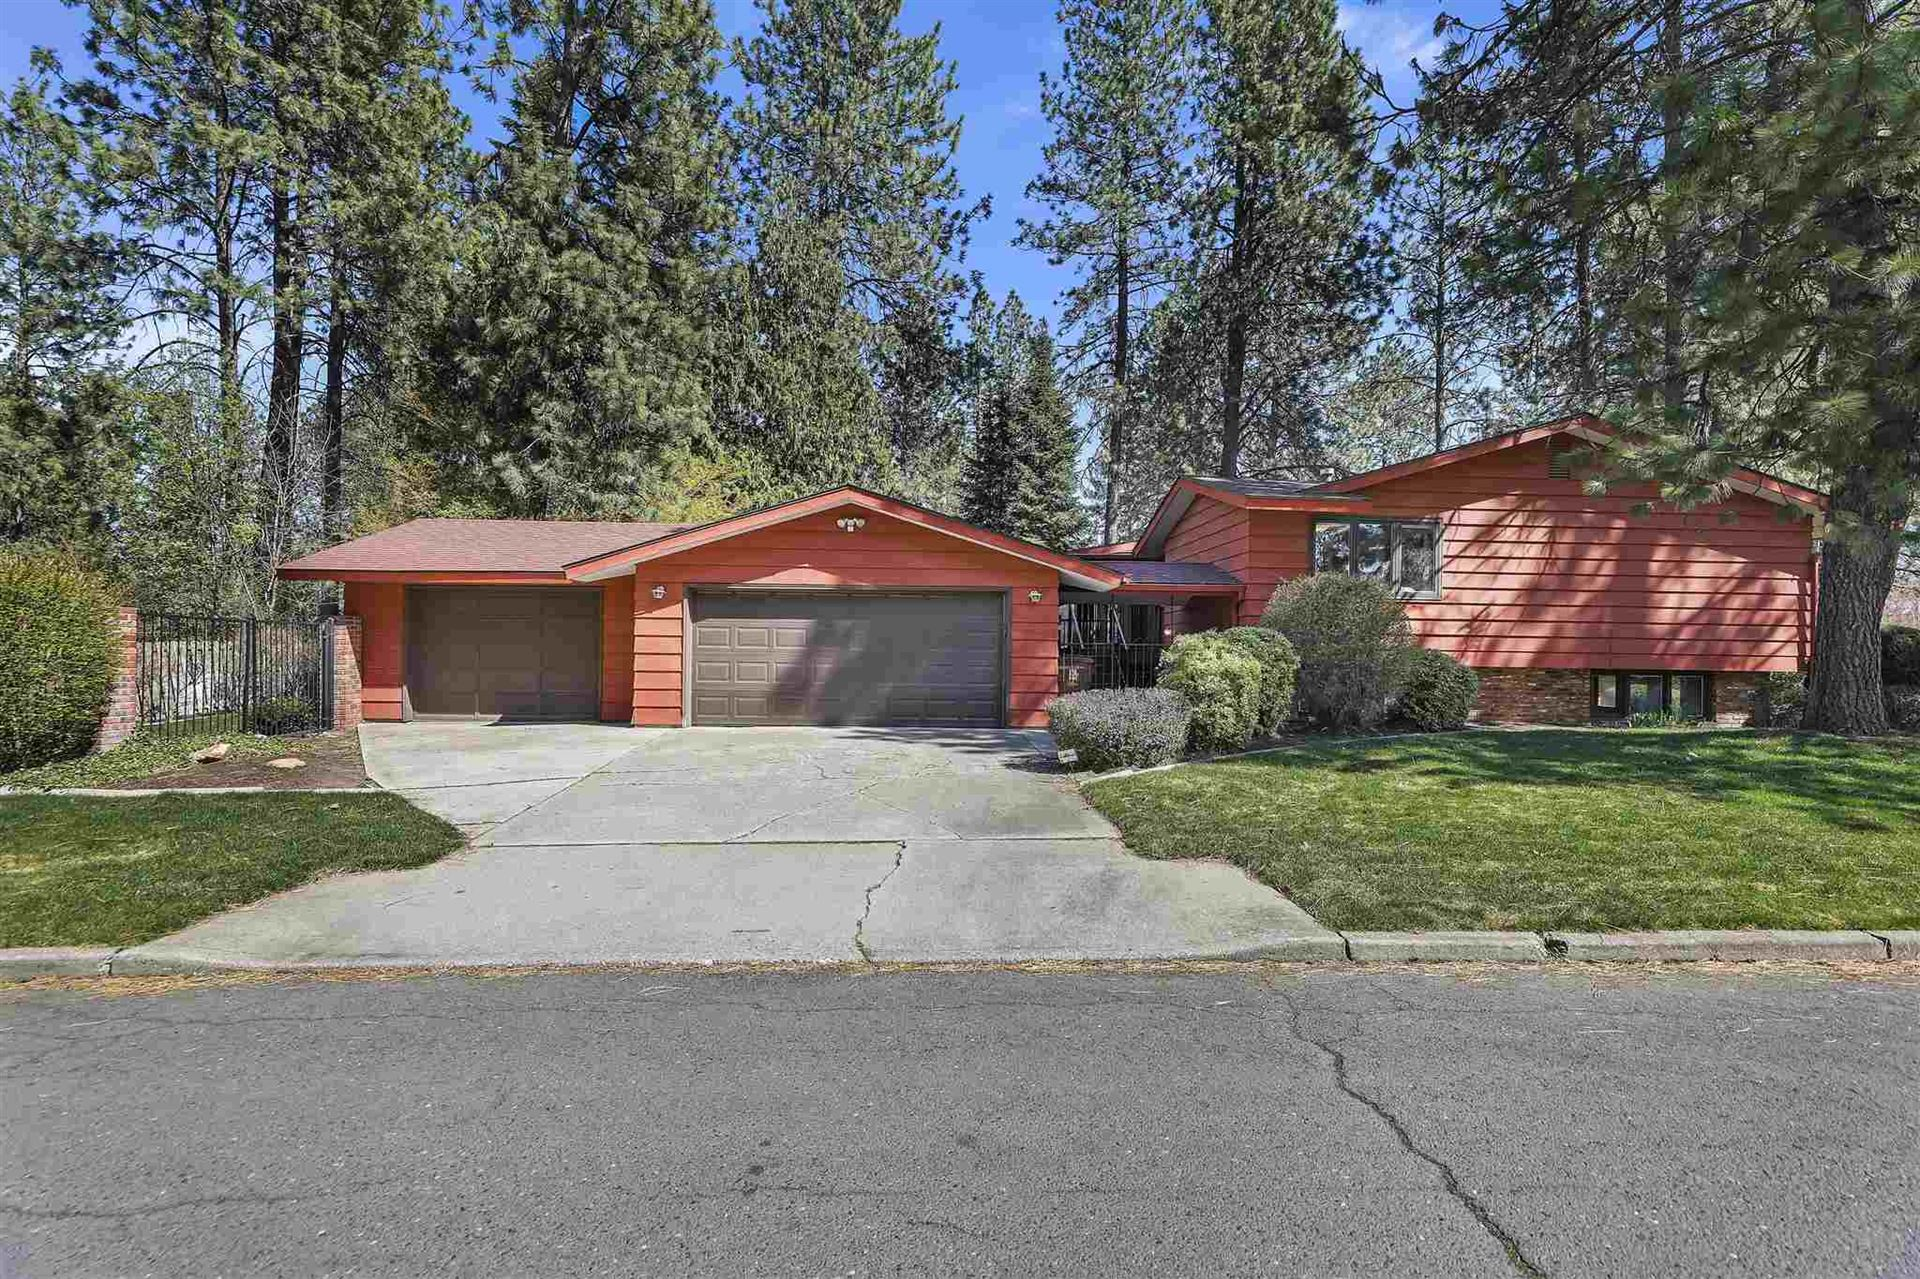 2605 E 40th Ave, Spokane, WA 99223 - #: 202114533